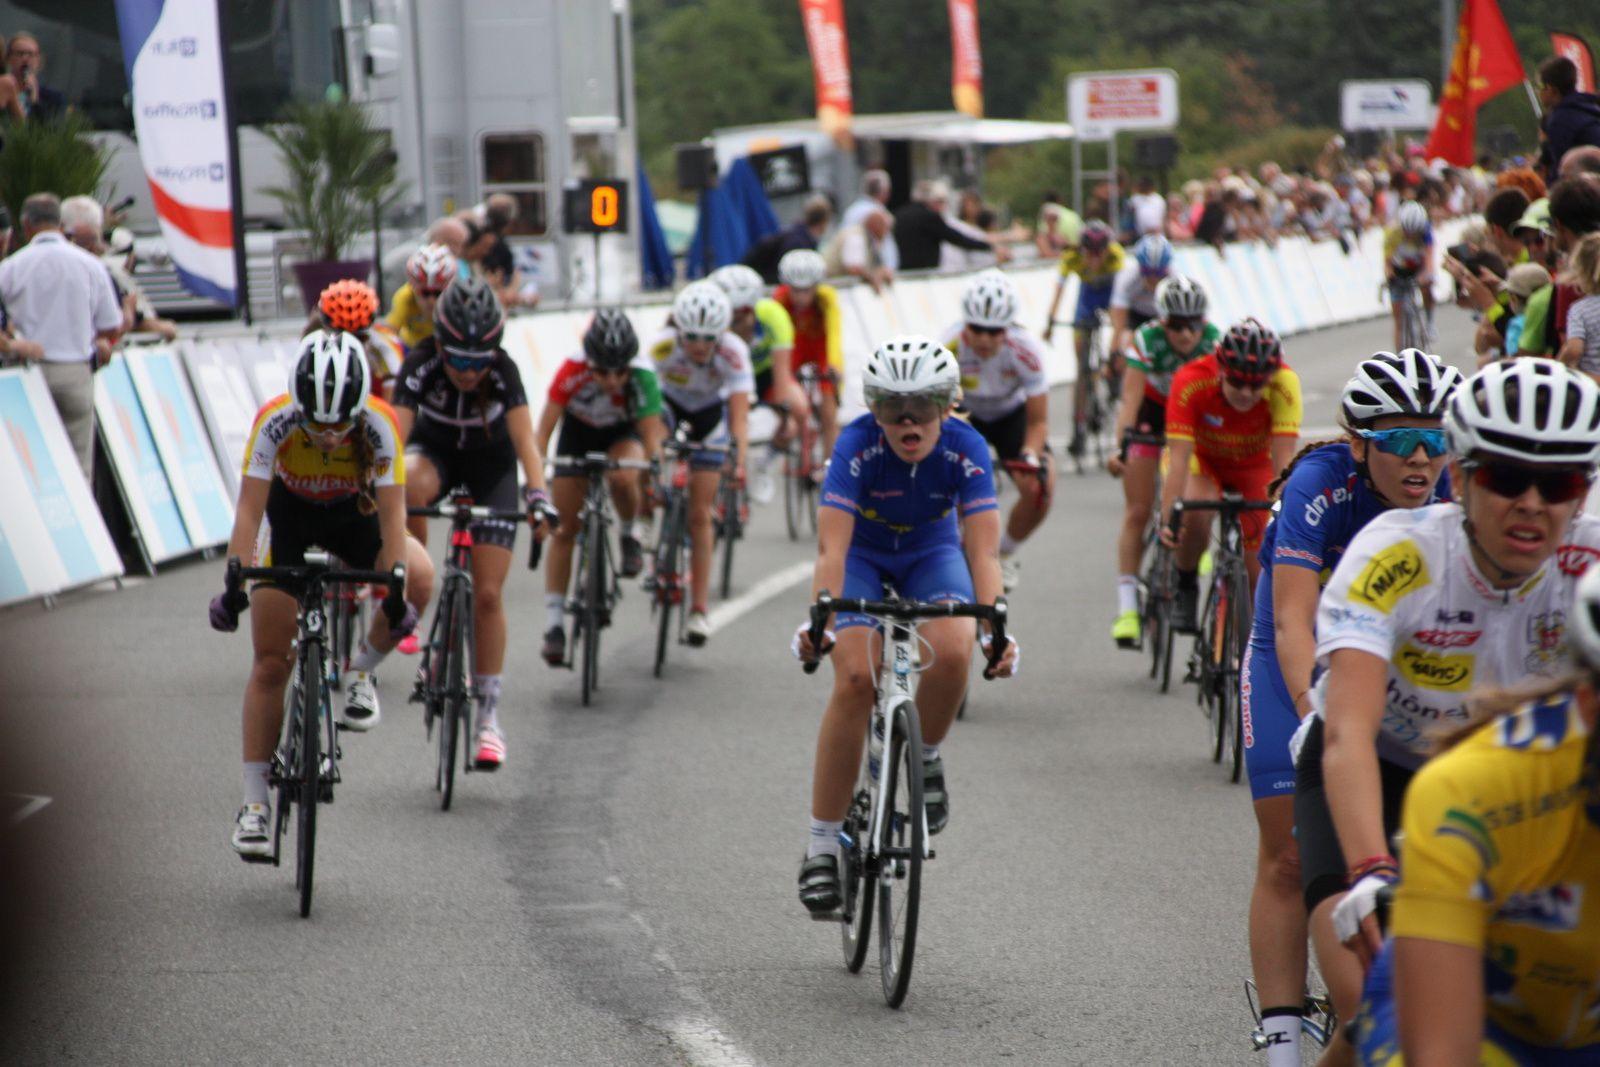 L'arrivée  au  sprint  et  la  victoire  pour  la  picarde  Victoire  BERTEAU  devant  Marie  LE NET(Bretagne), 3e  Jade  WIEL(Provence).10e  place  pour  Lou  BERLAND(EC 3M.Poitou-Charentes), 37e  Ilona  FEYTOU(EC 3M. Poitou-Charentes)  qui  figuraient  toutes  les  deux  dans  le  peloton  de  tête.